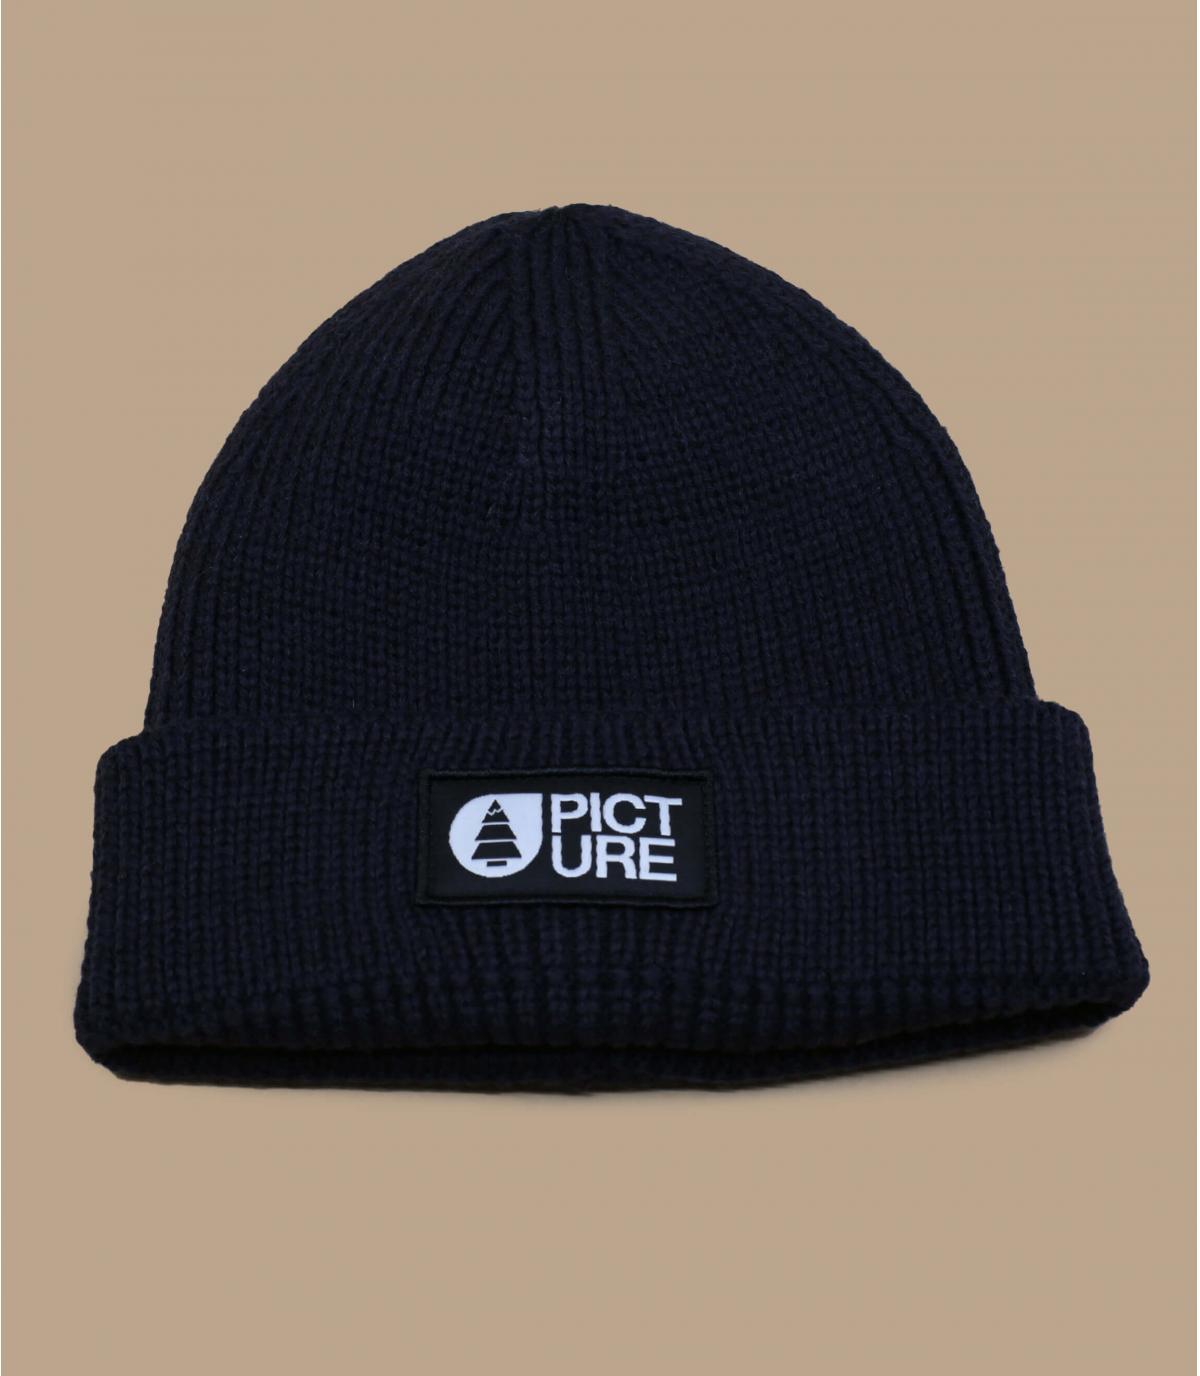 bonnet revers Picture noir